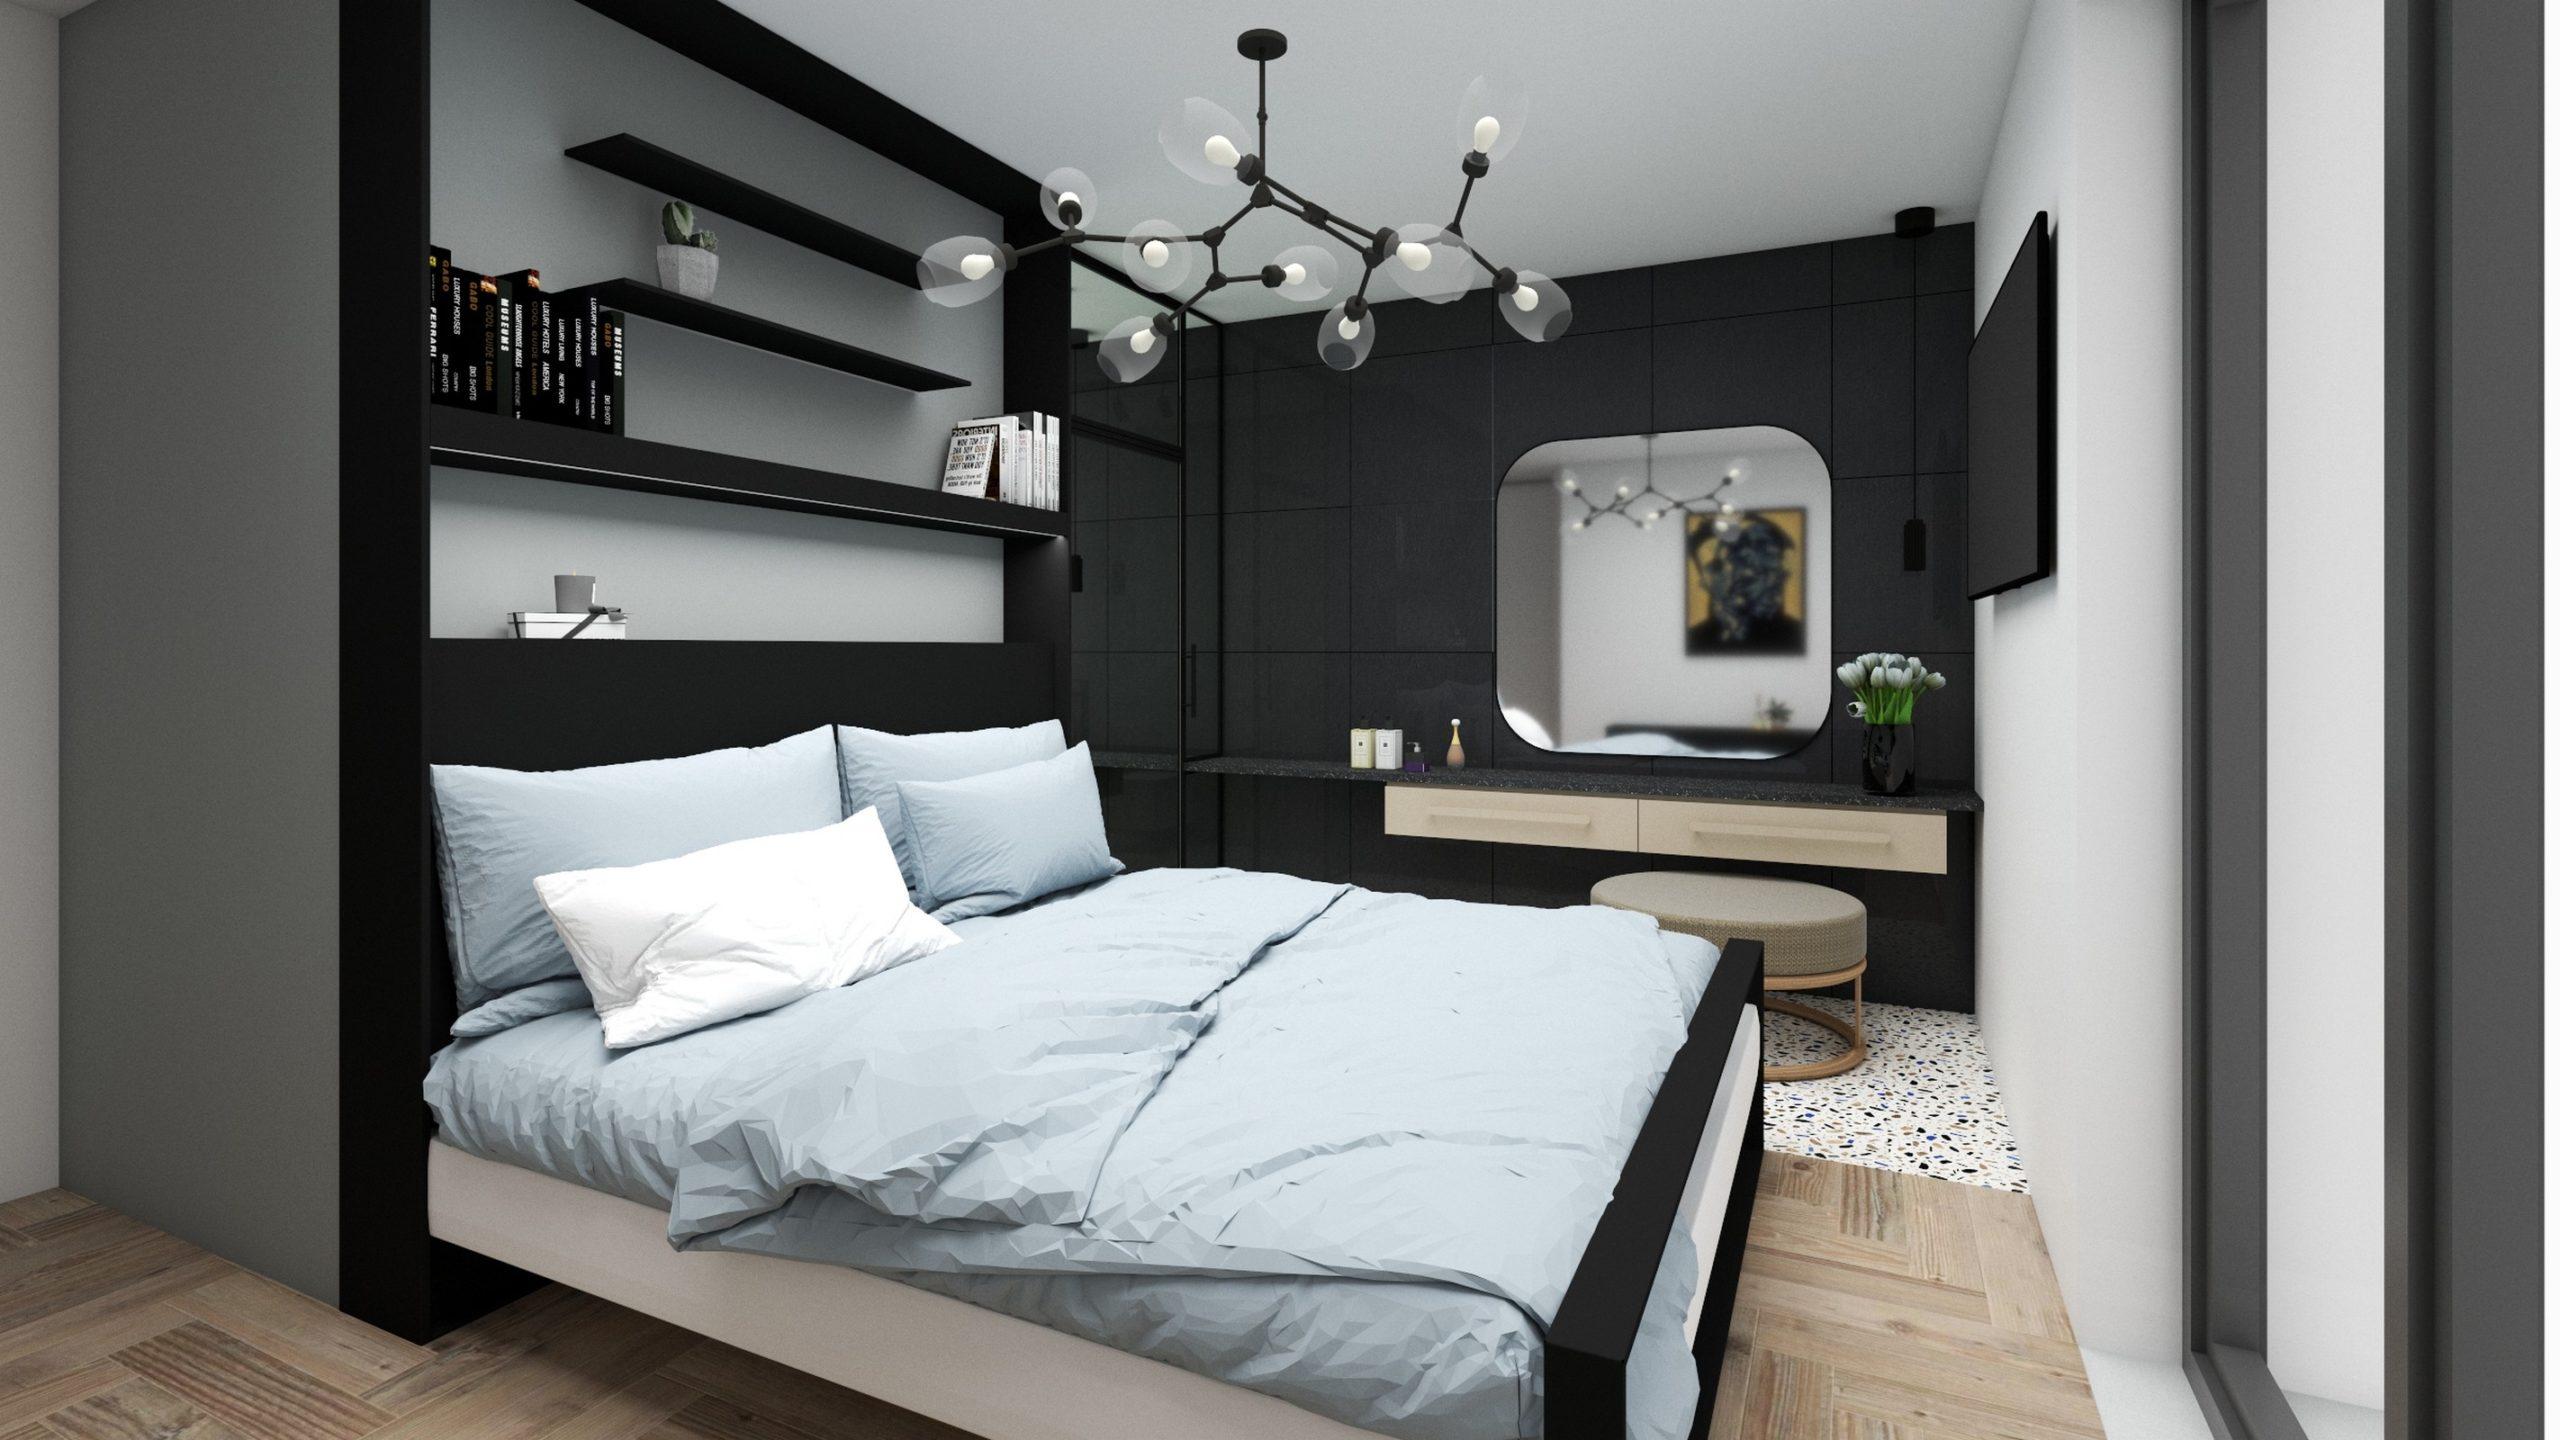 widok-sypialni-w-odcieniach-czerni-i-bieli